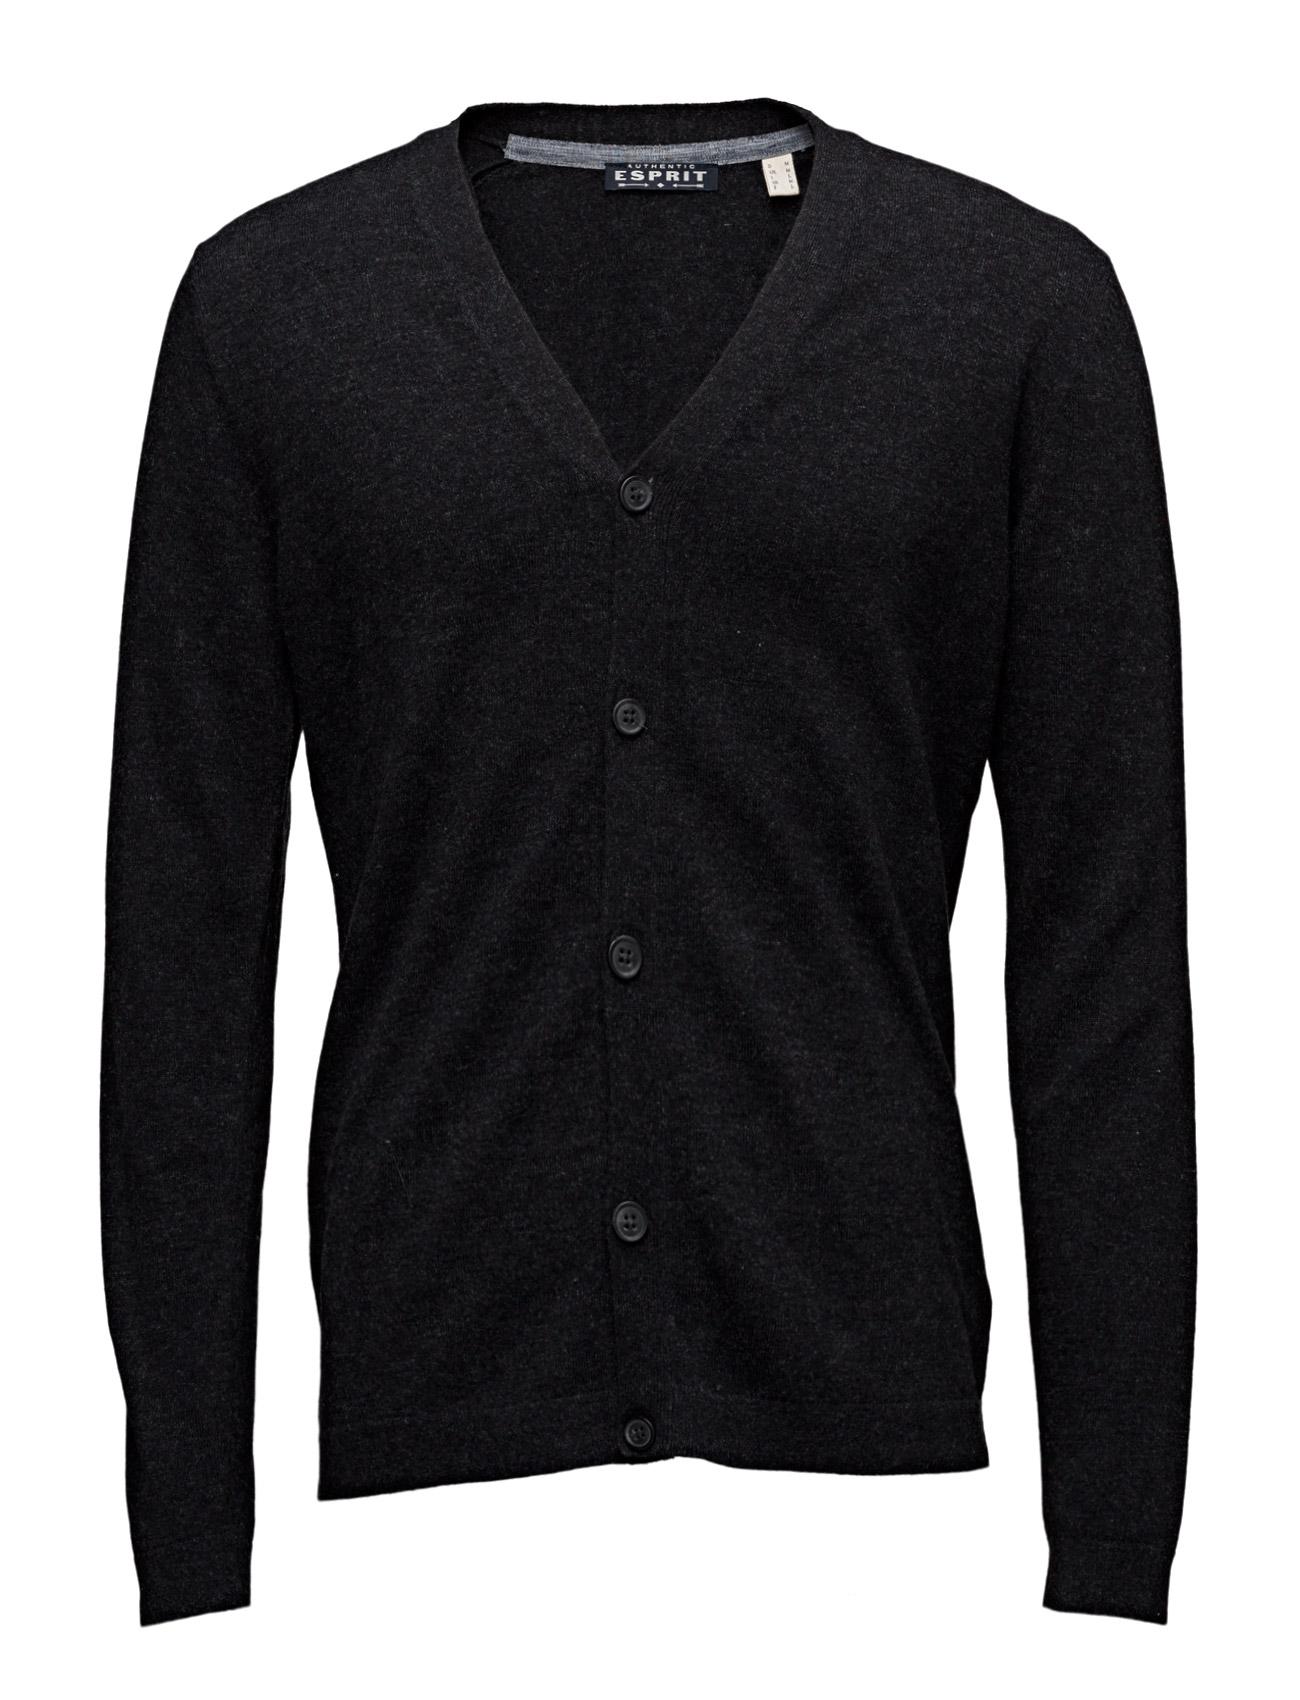 Sweaters Esprit Casual Cardigans til Mænd i Antracit grå